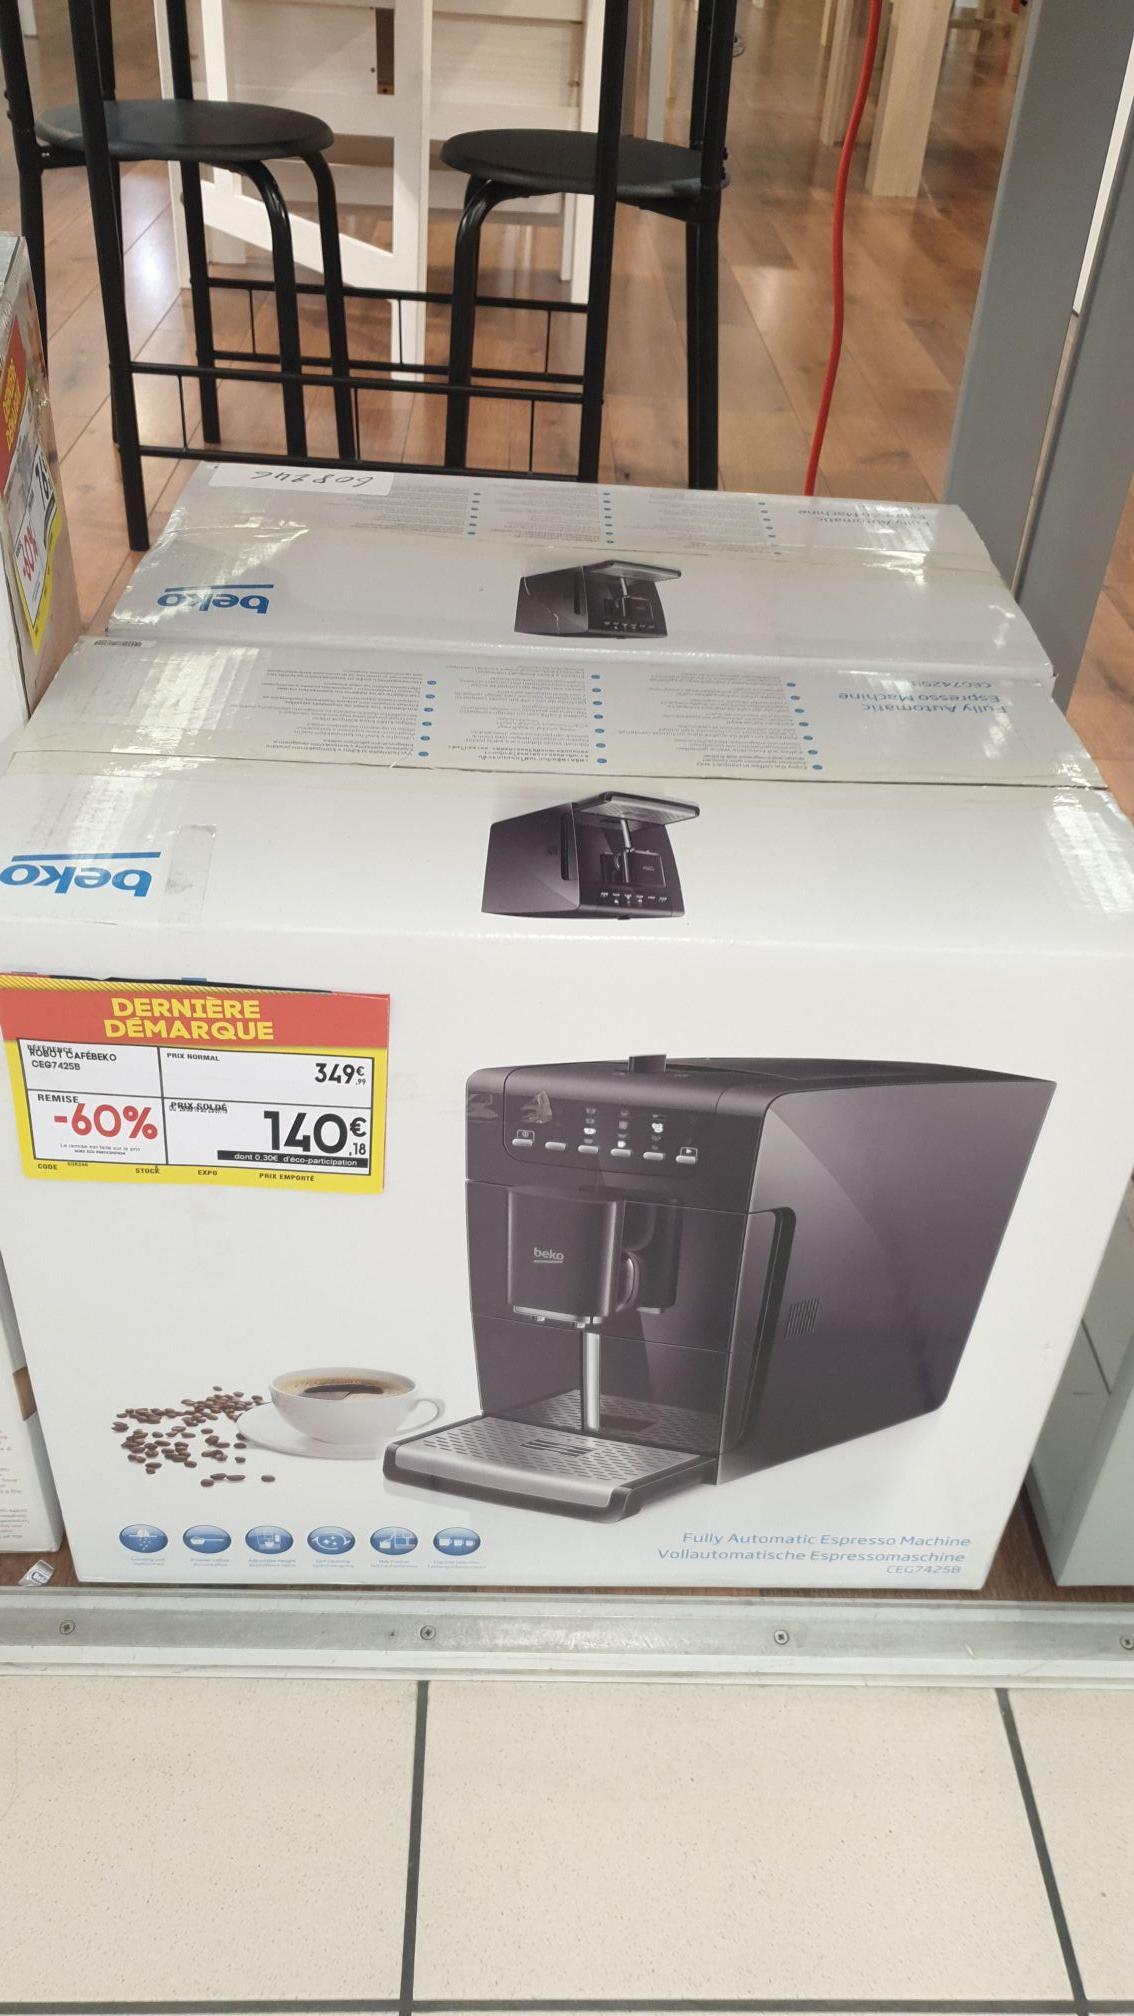 Machine à expresso automatique avec broyeur de grains Beko Latte MaxiPack CEG7425B (15 bars, 1550 W) - Vitry-sur-Seine (94)